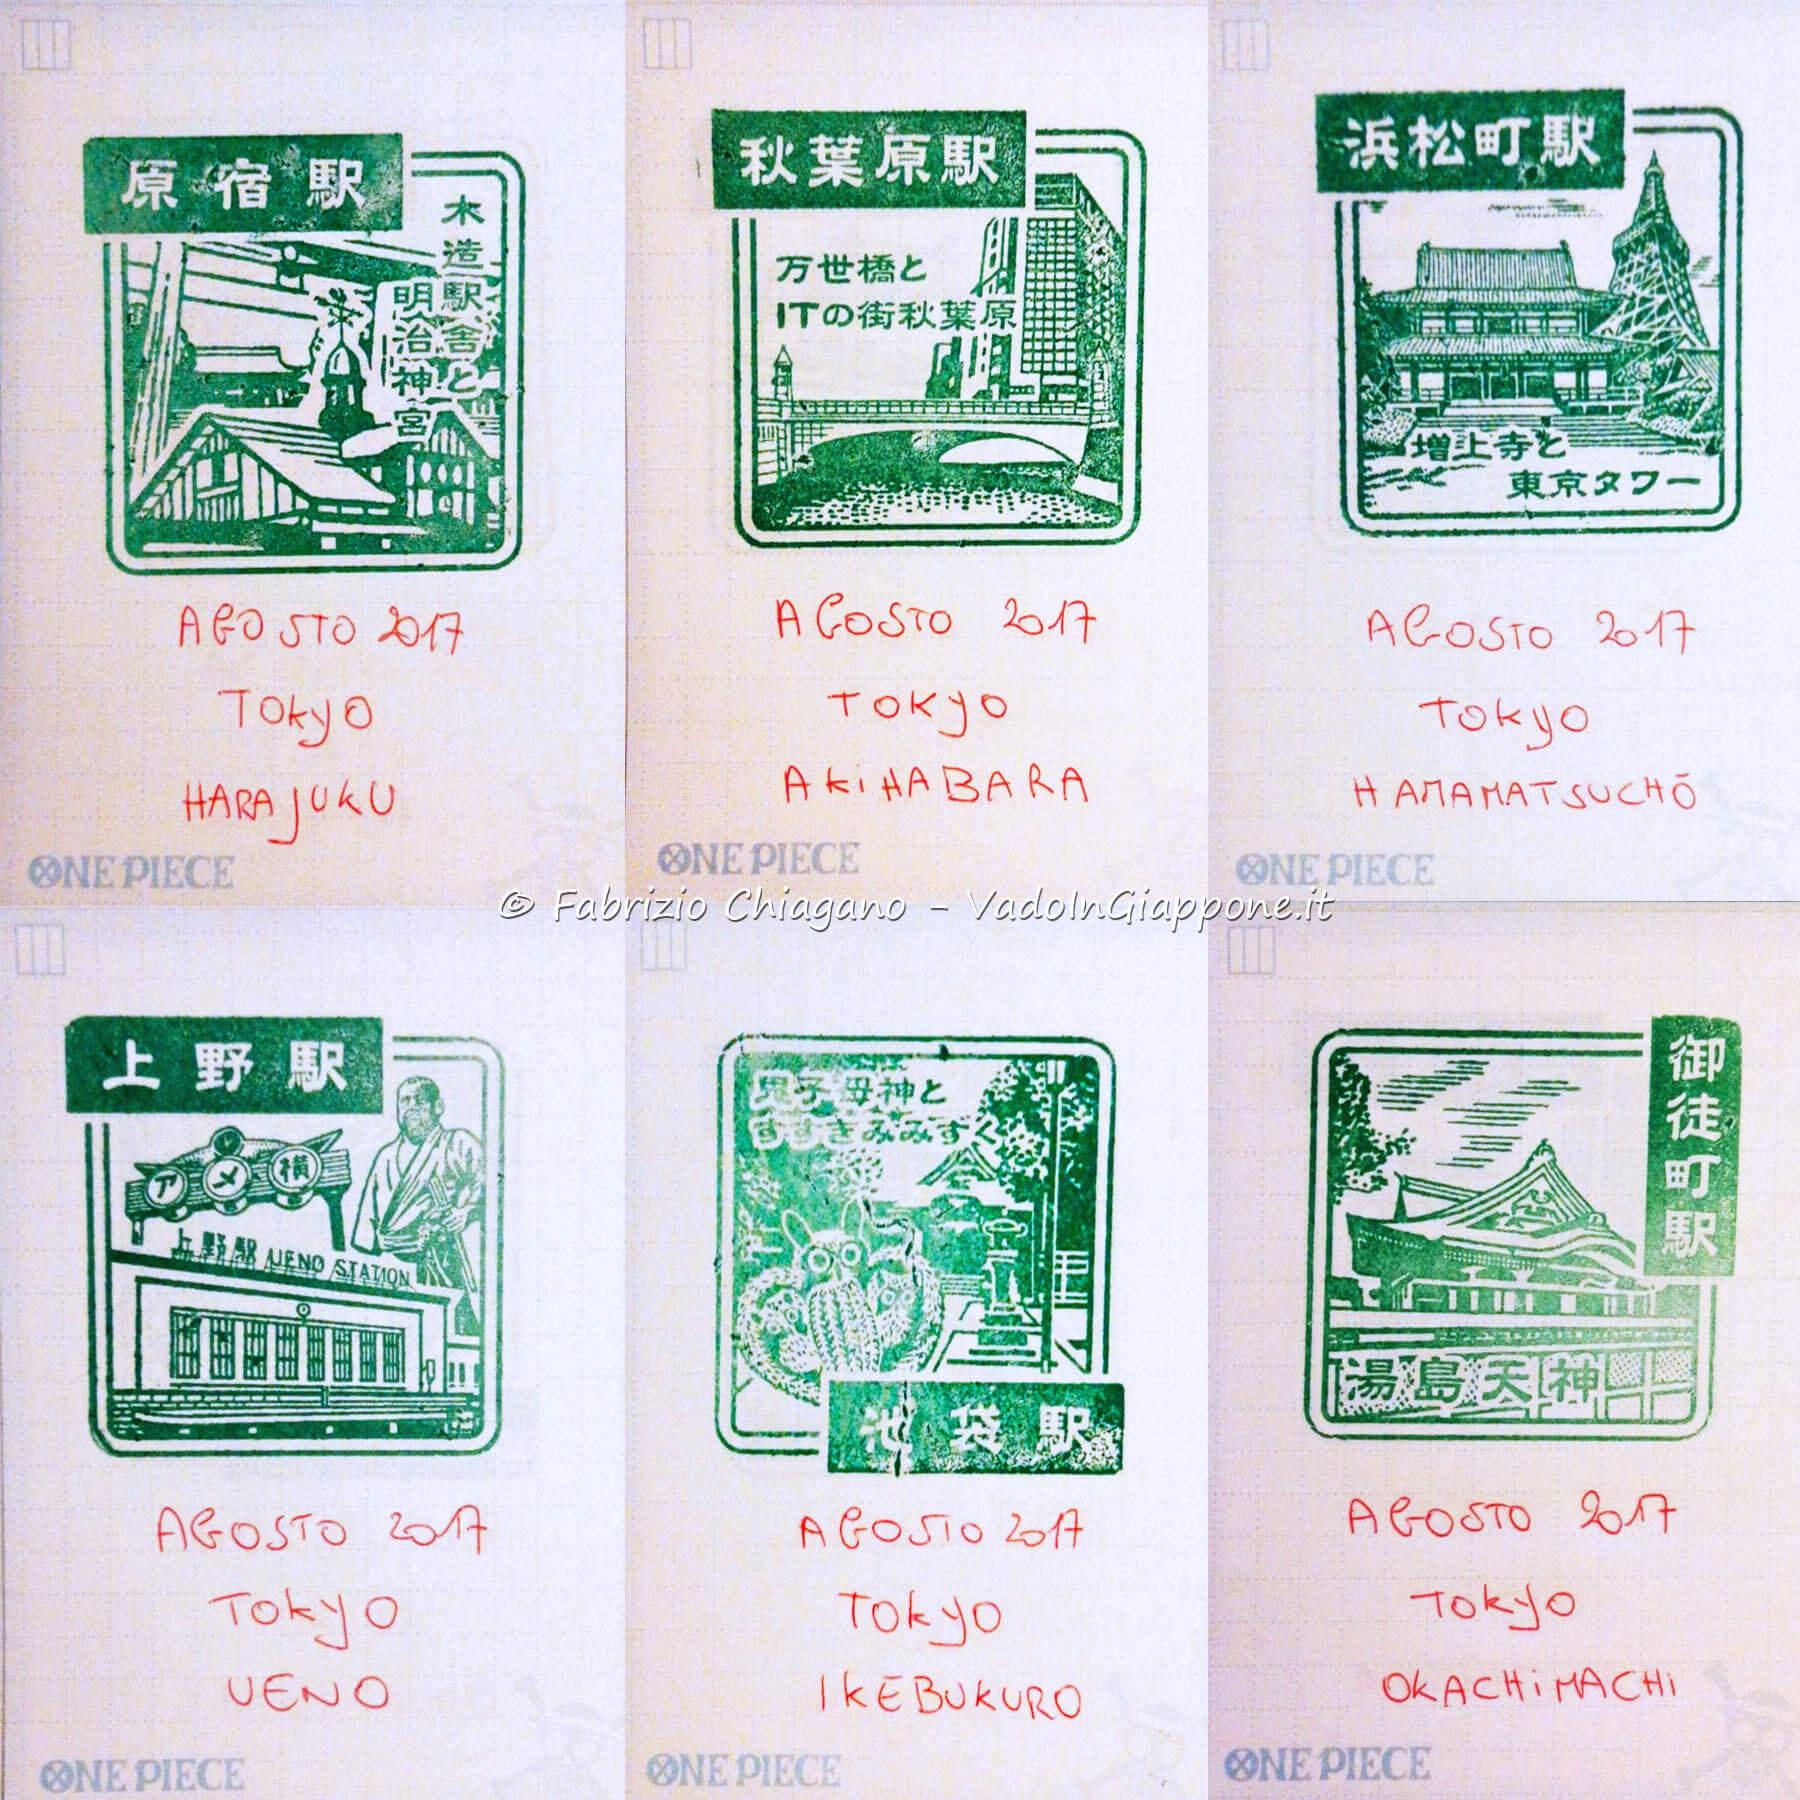 Alcuni Eki Stamp della linea JR Yamanote di Tokyo